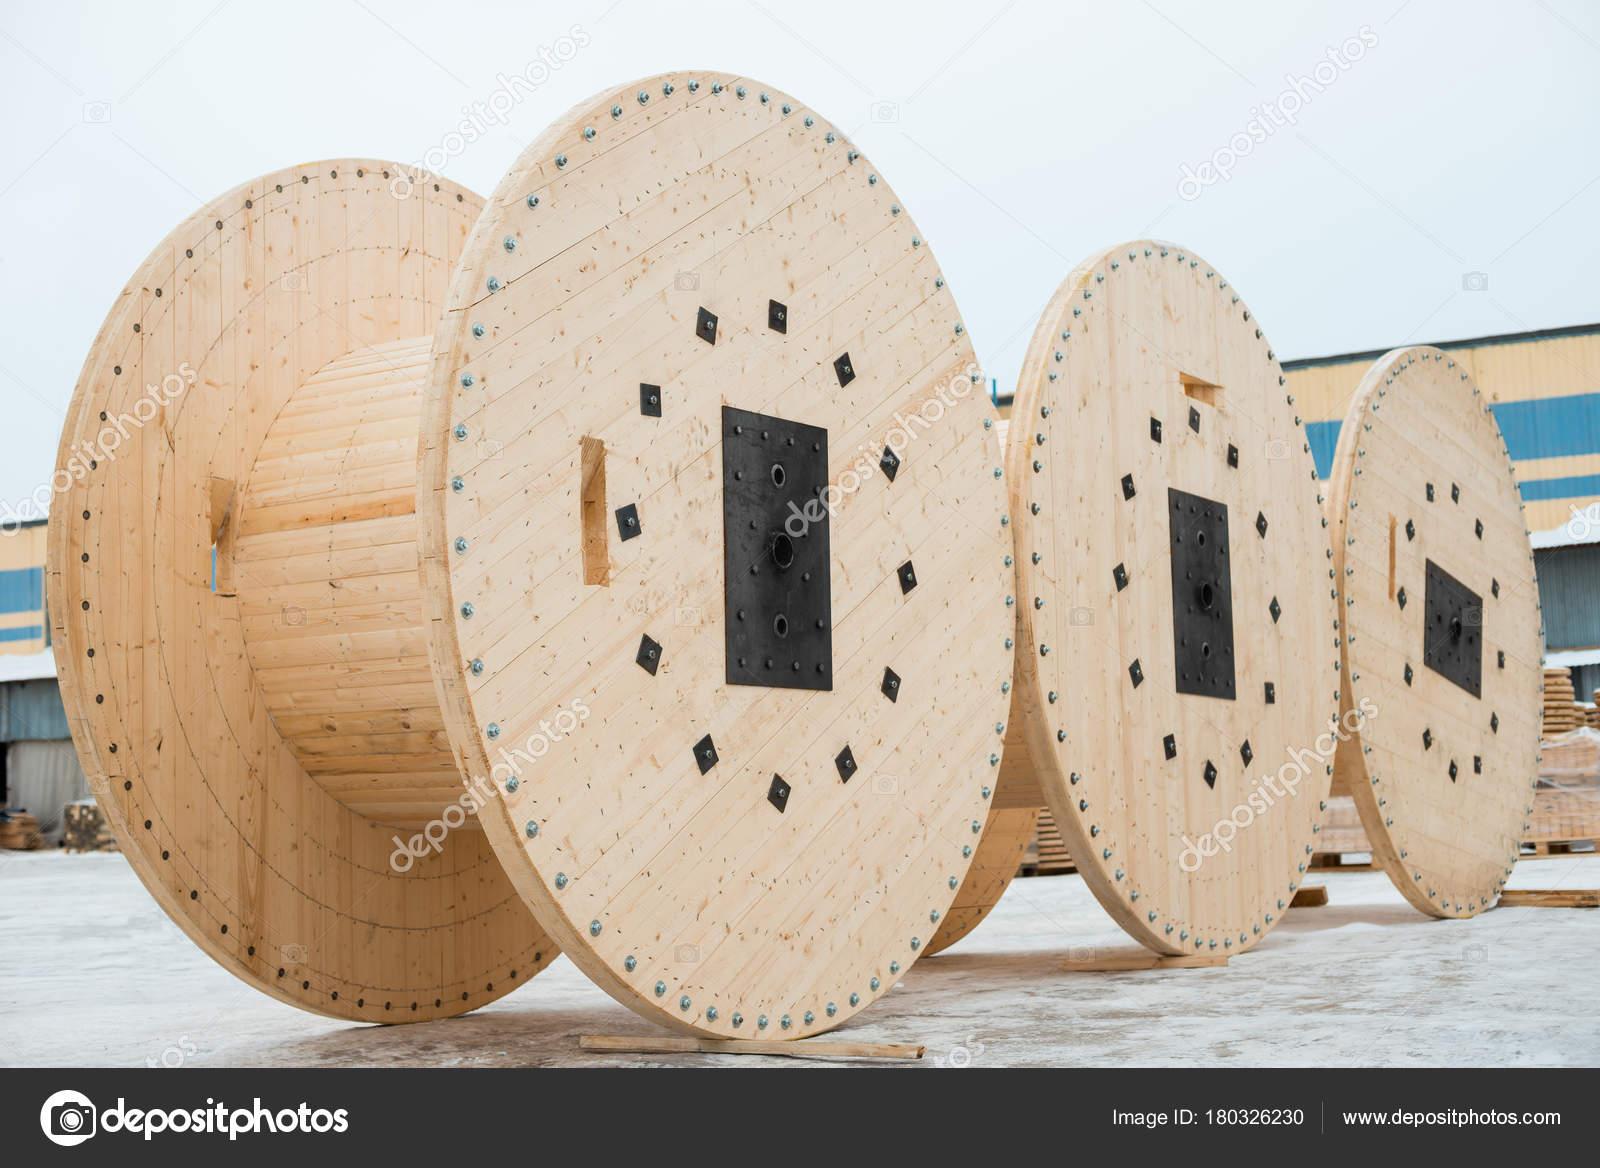 Hölzerne Spulen für Kabel — Stockfoto © format35 #180326230